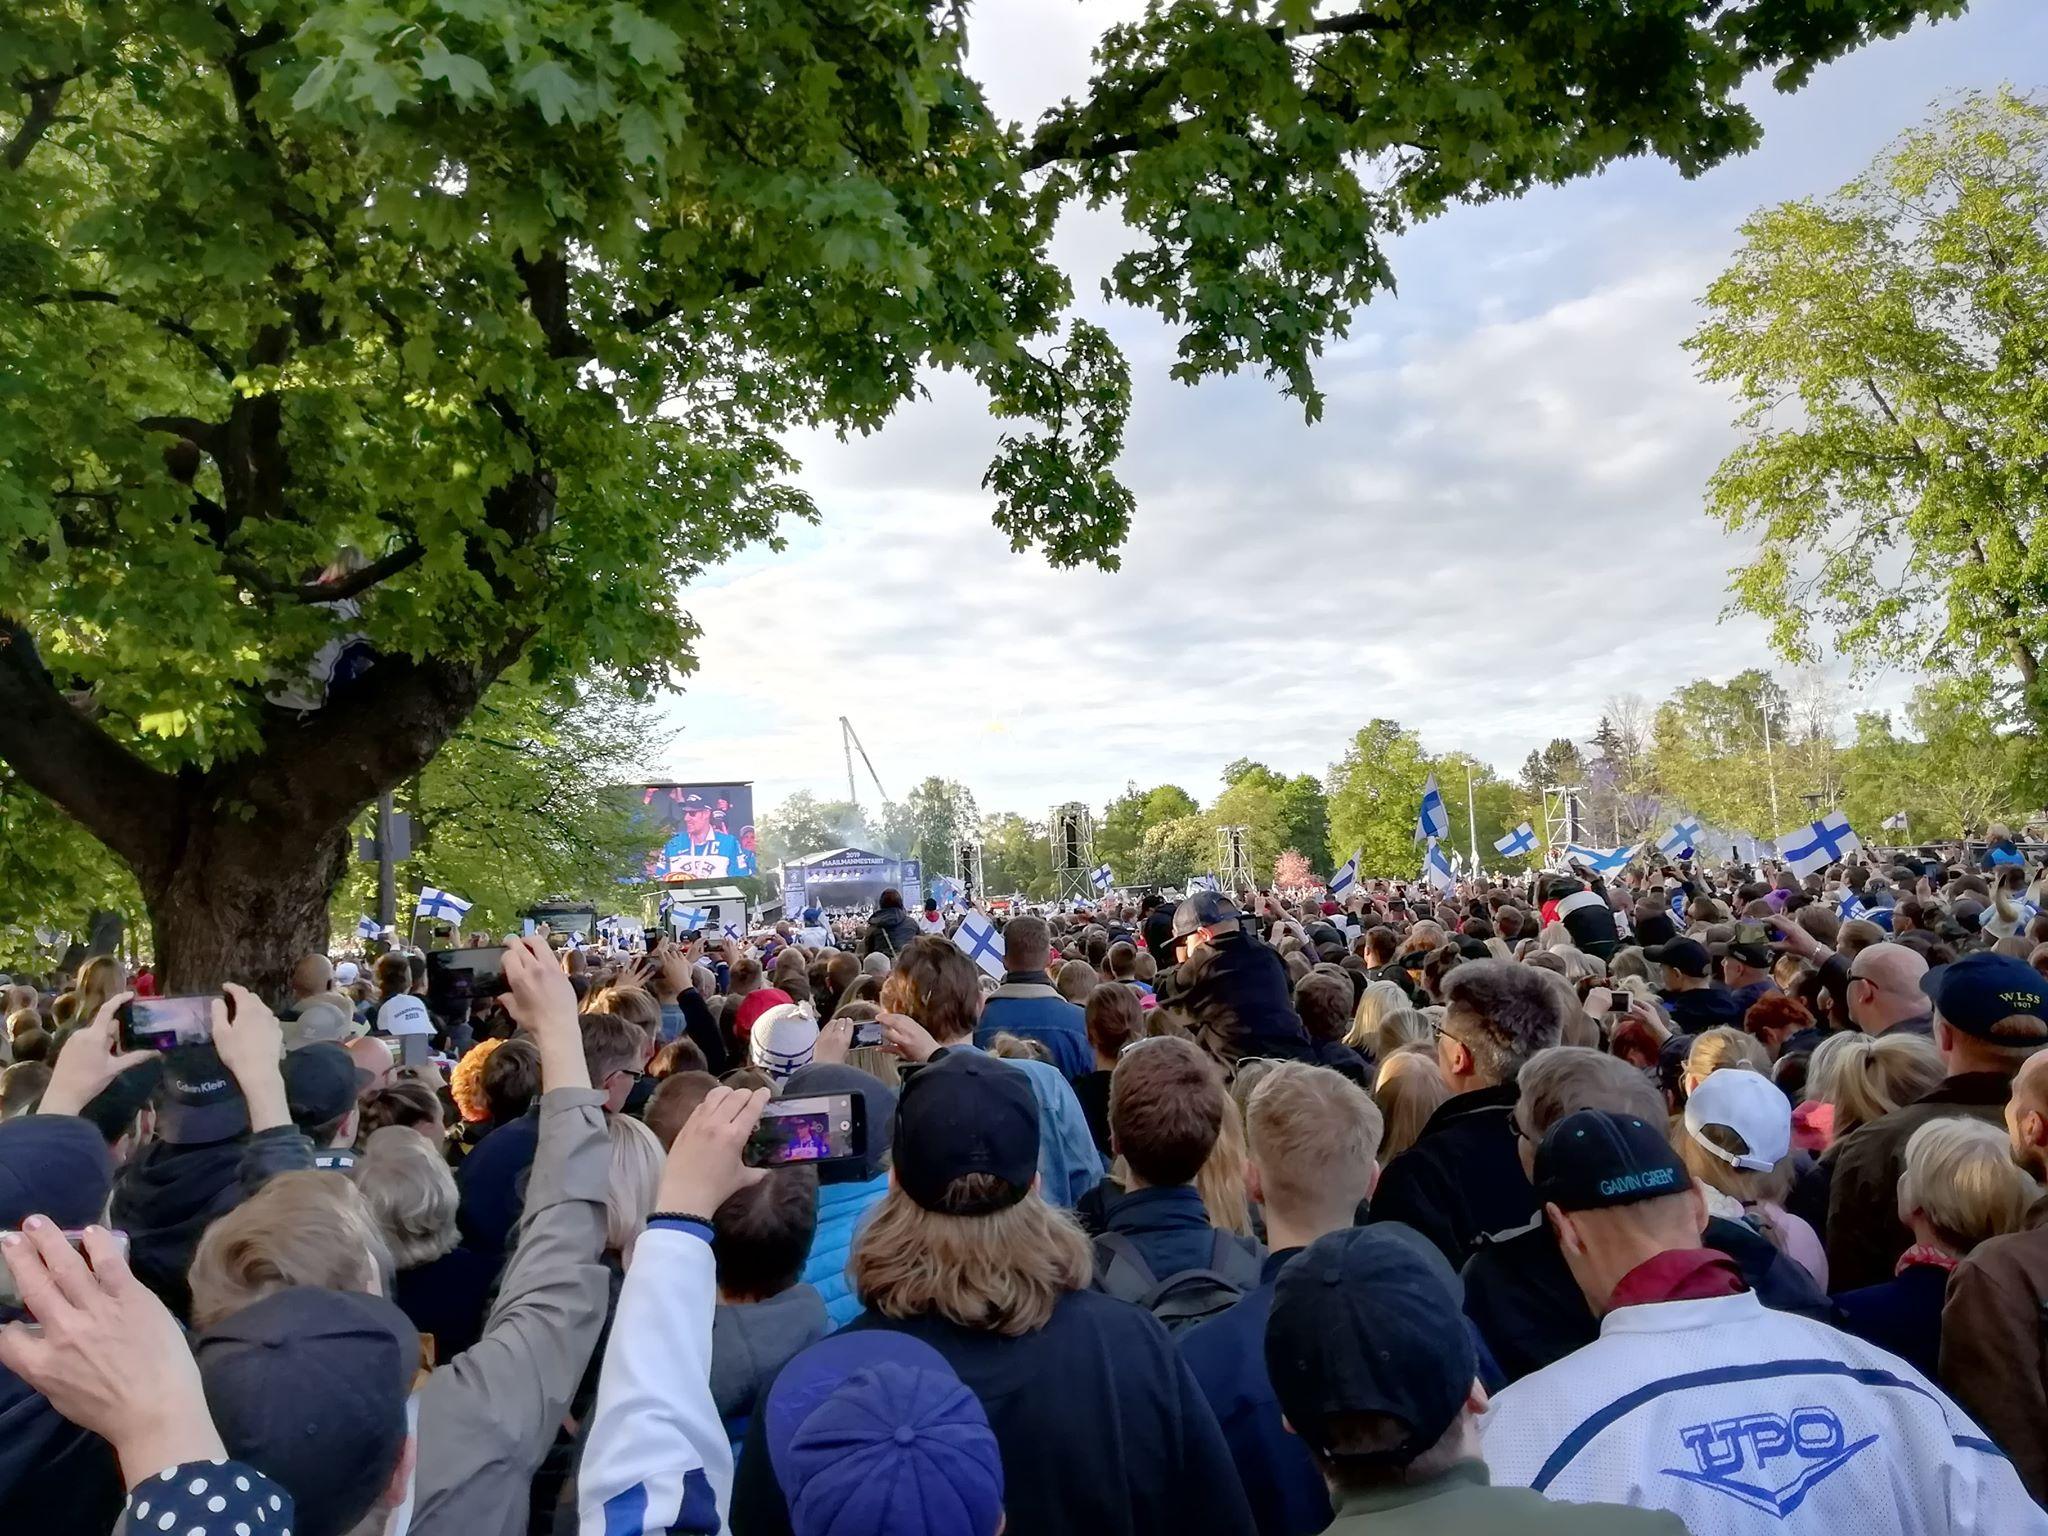 Feier zur Eishockey-Weltmeisterschaft 2019 in Helsinki